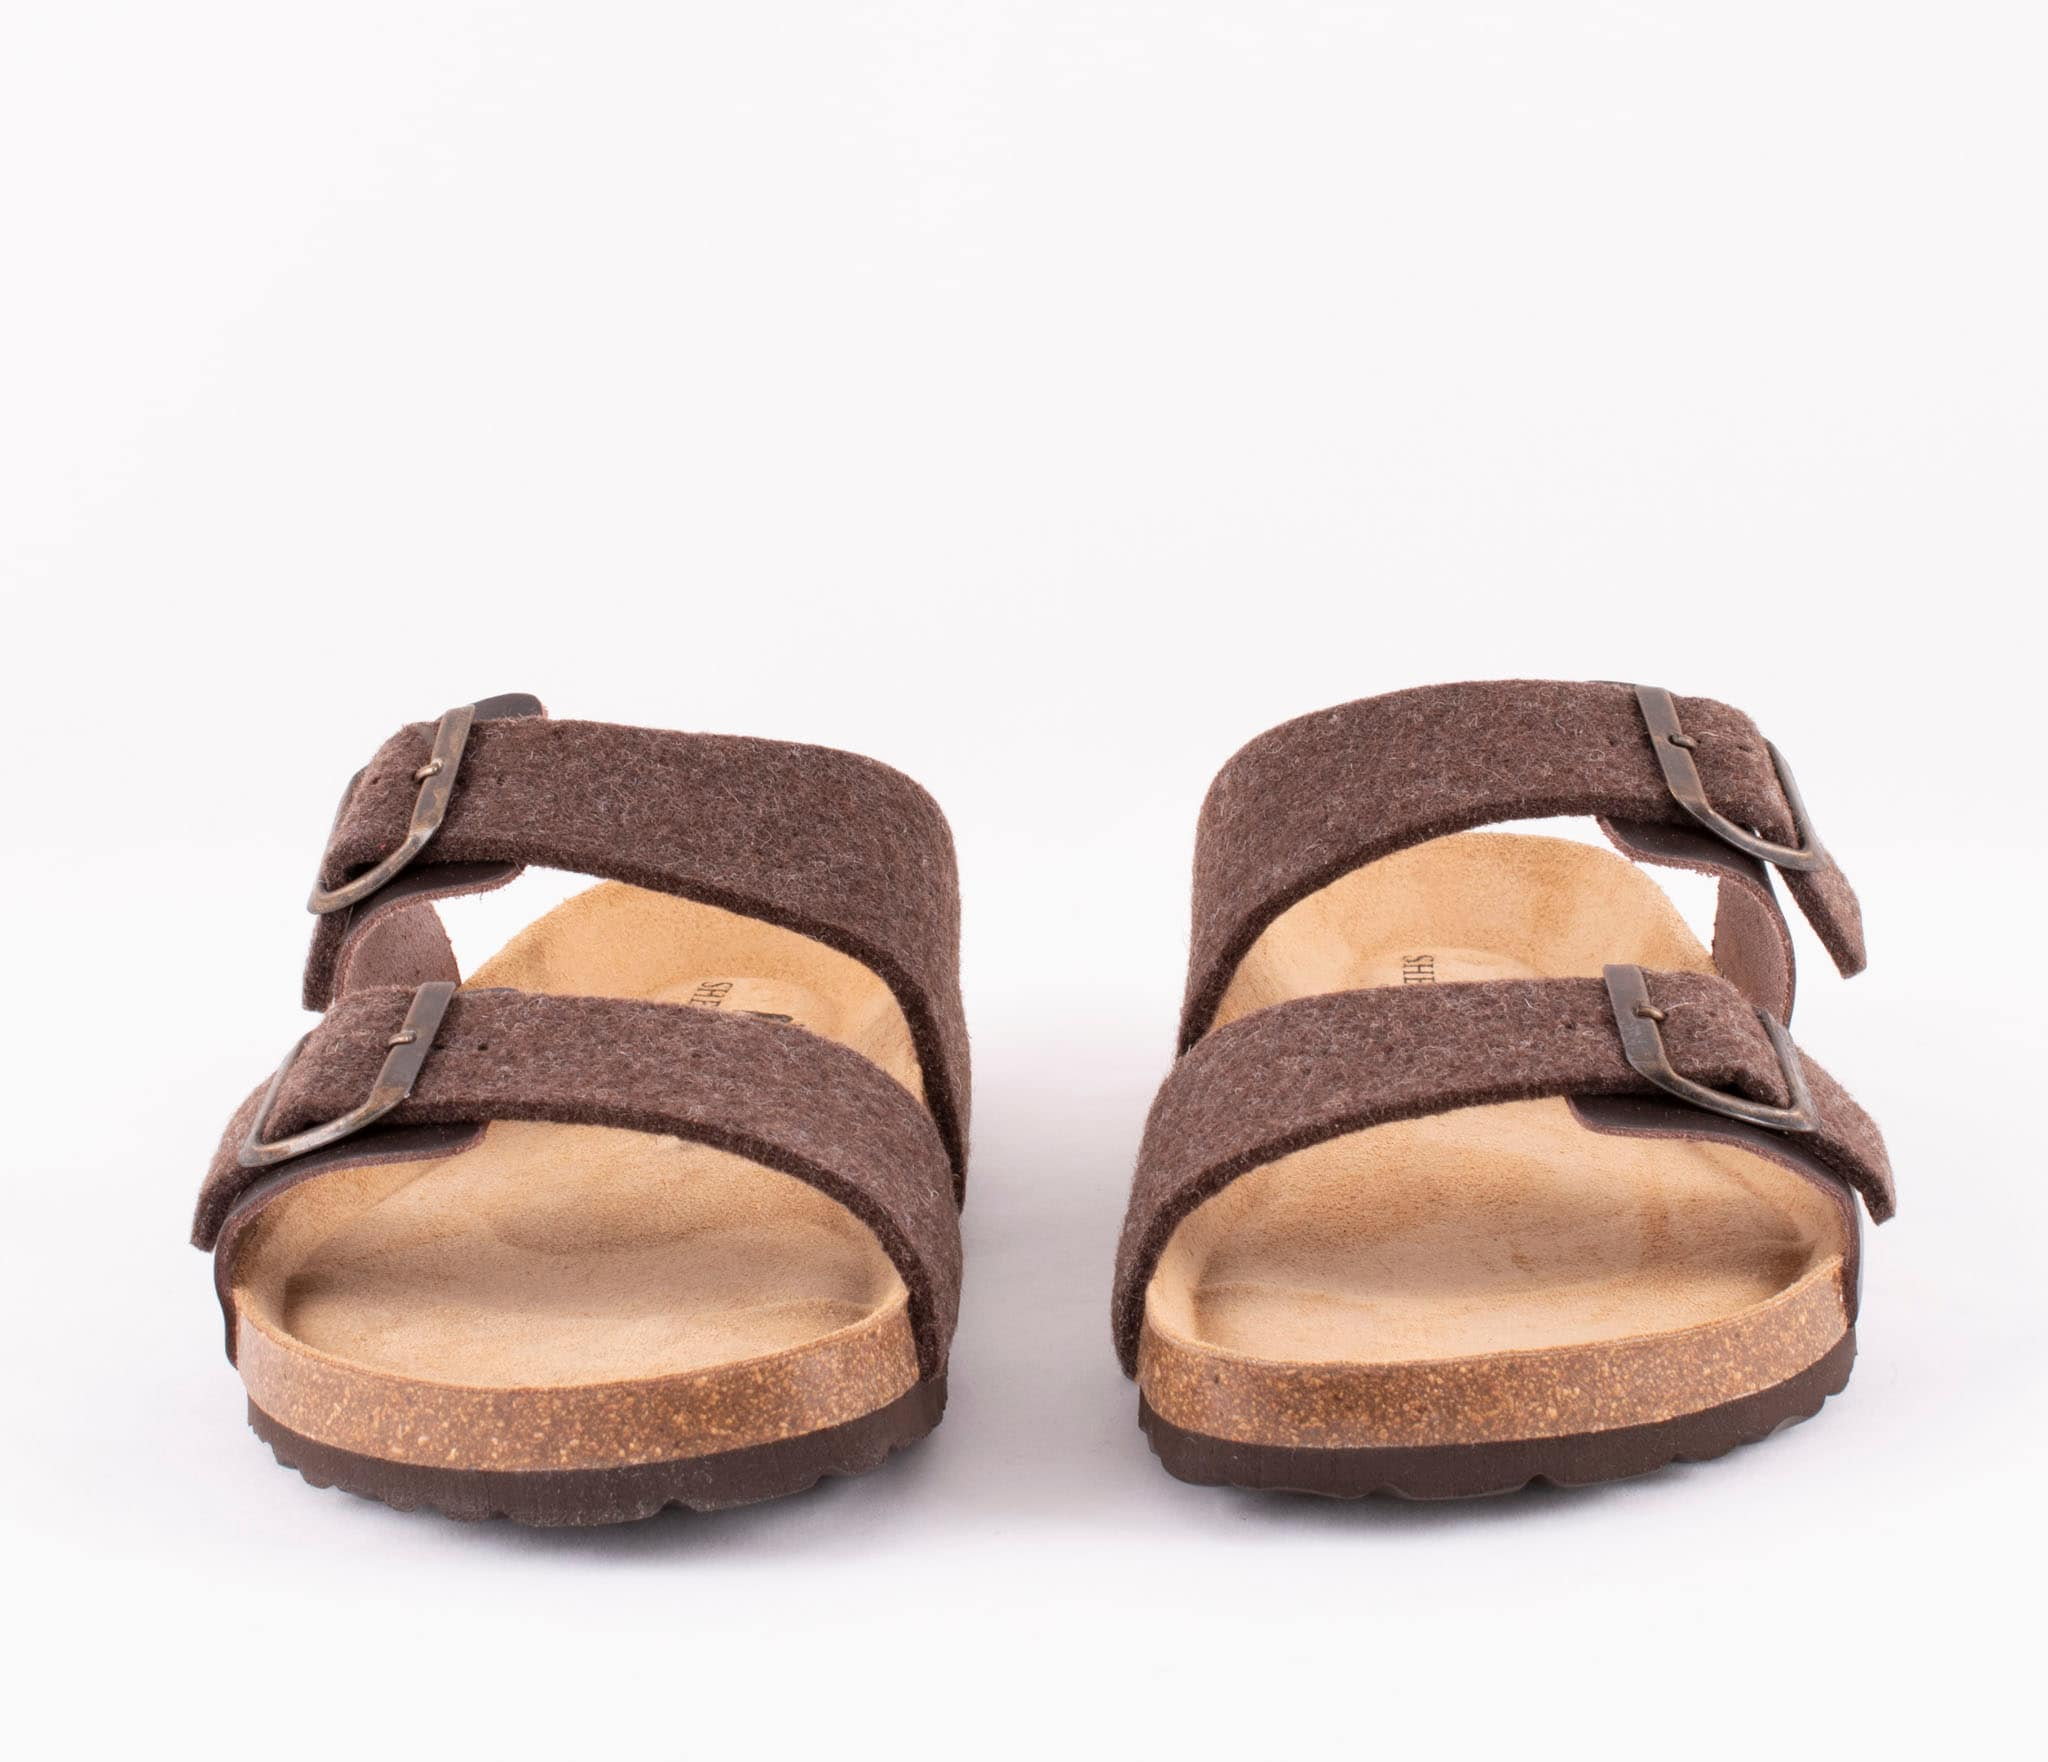 Christian sandal